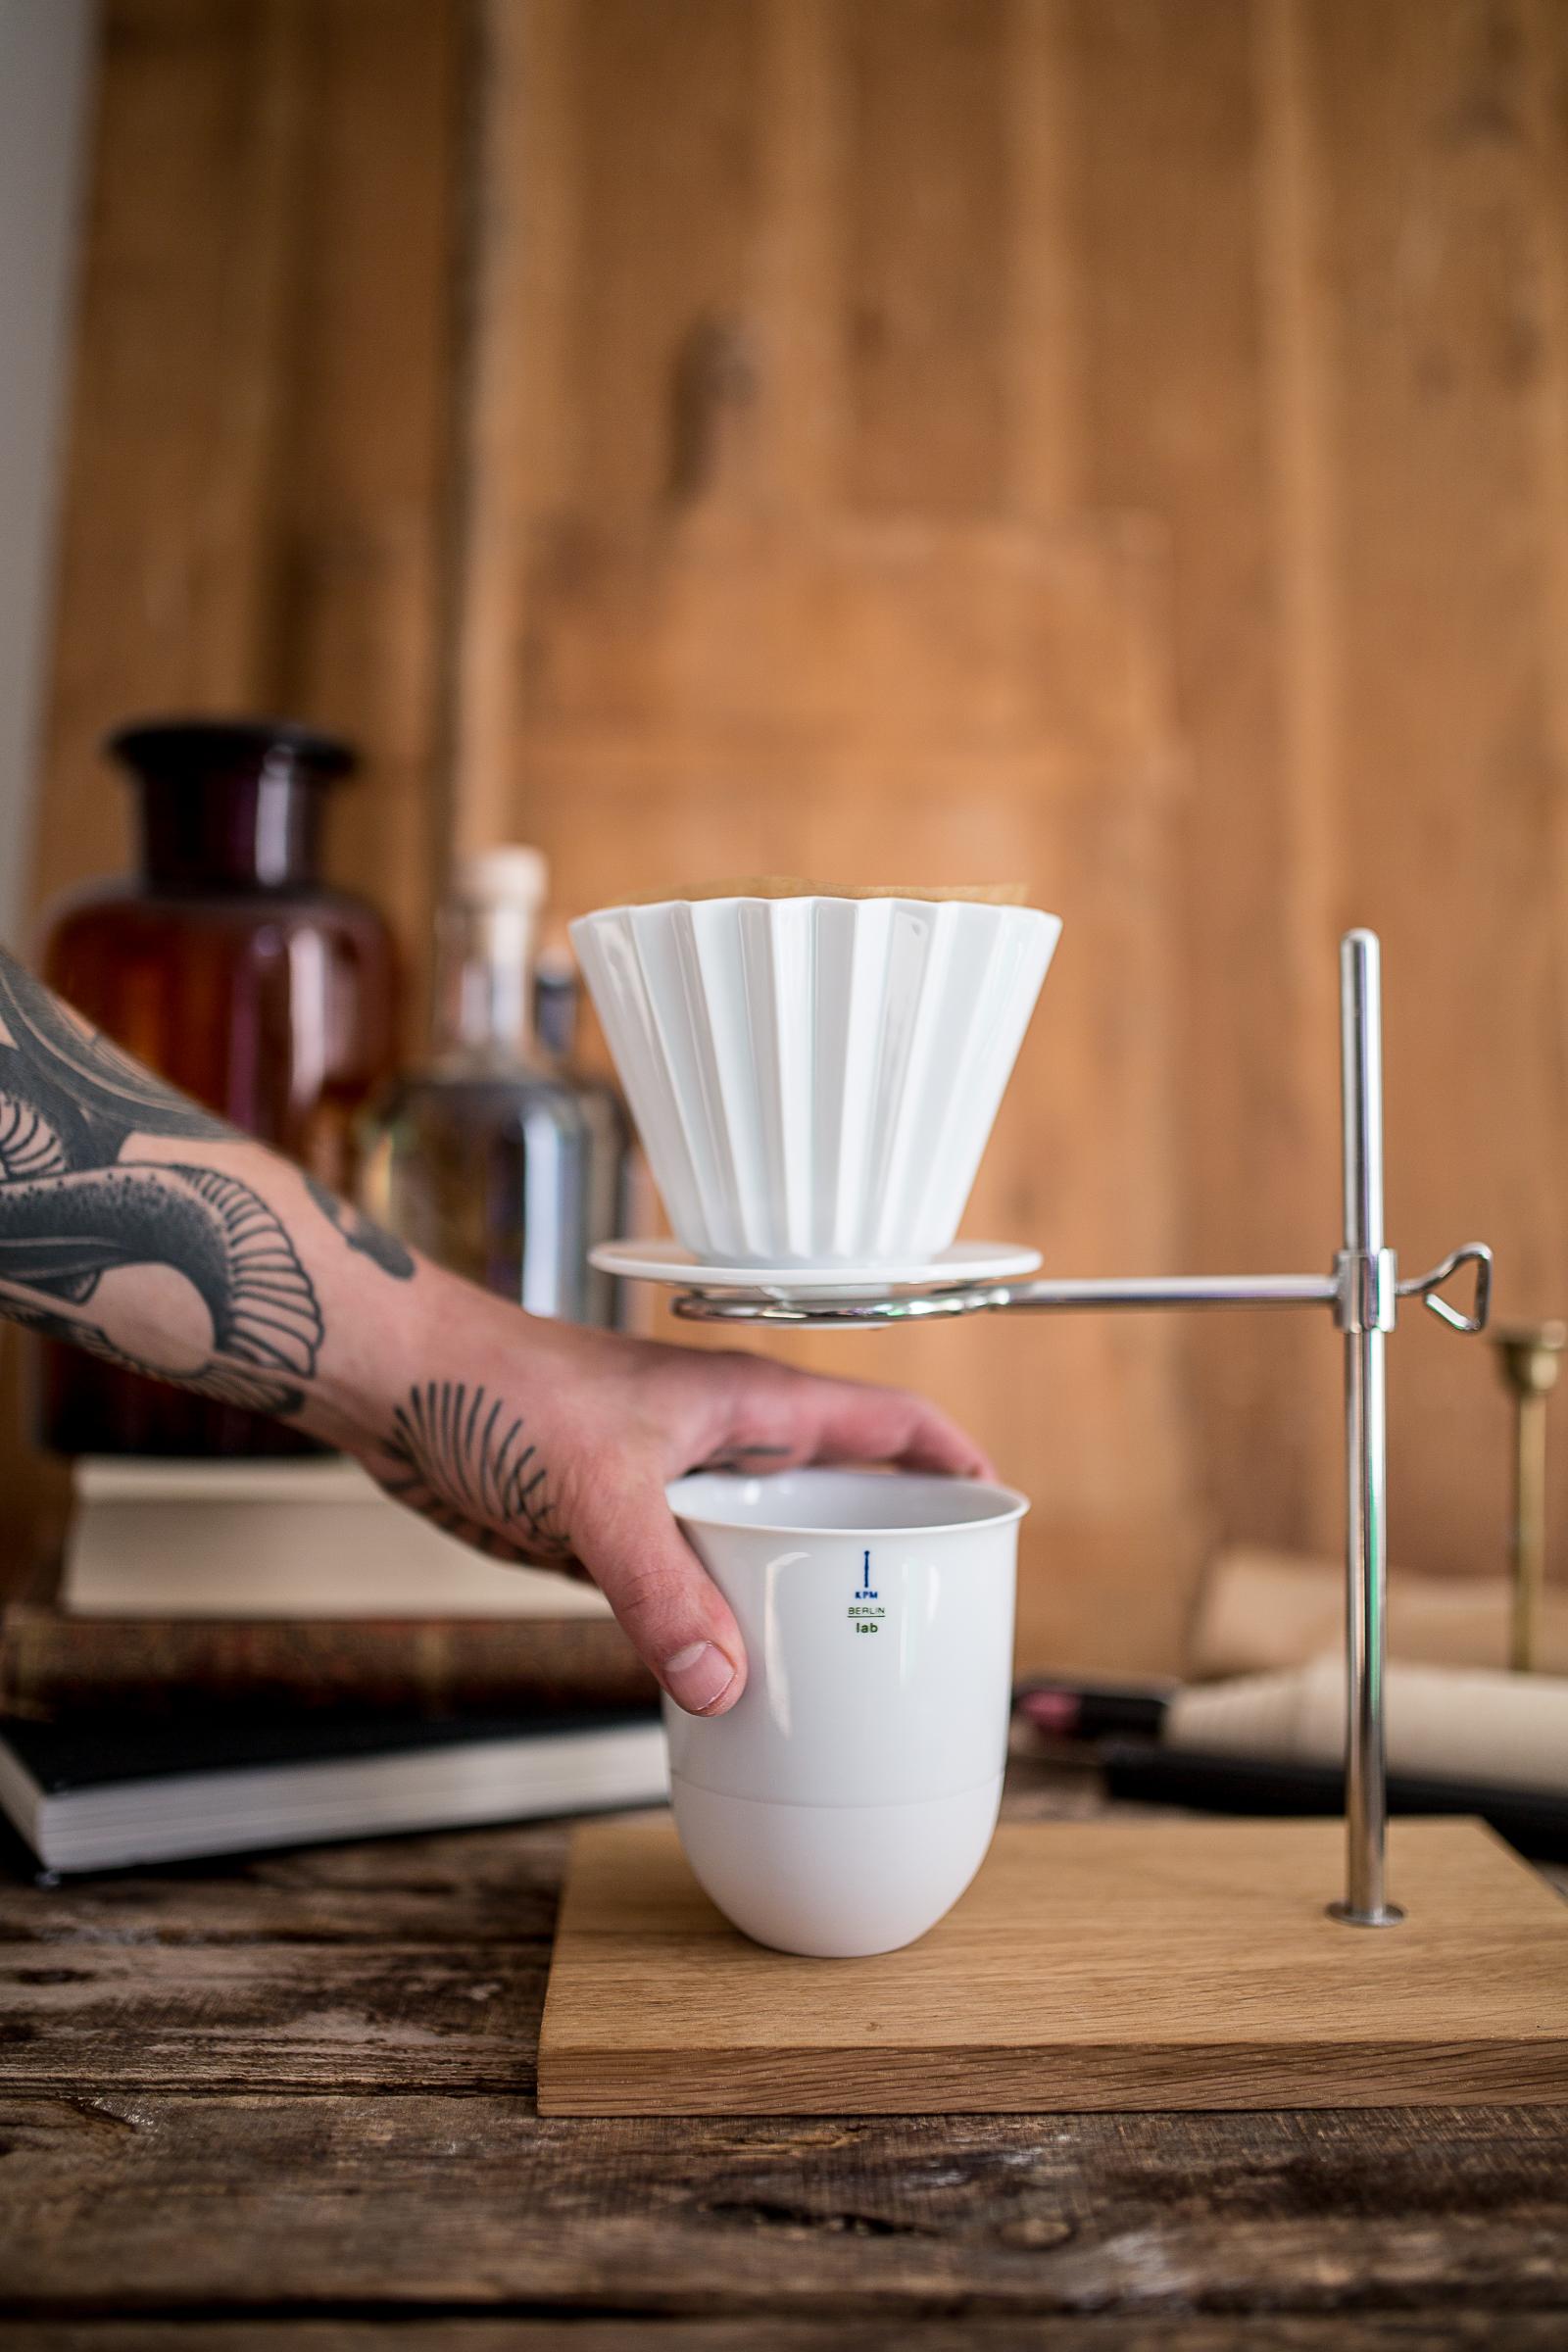 HERZSTÜCK: KPM Kaffeefilter #2 LAB